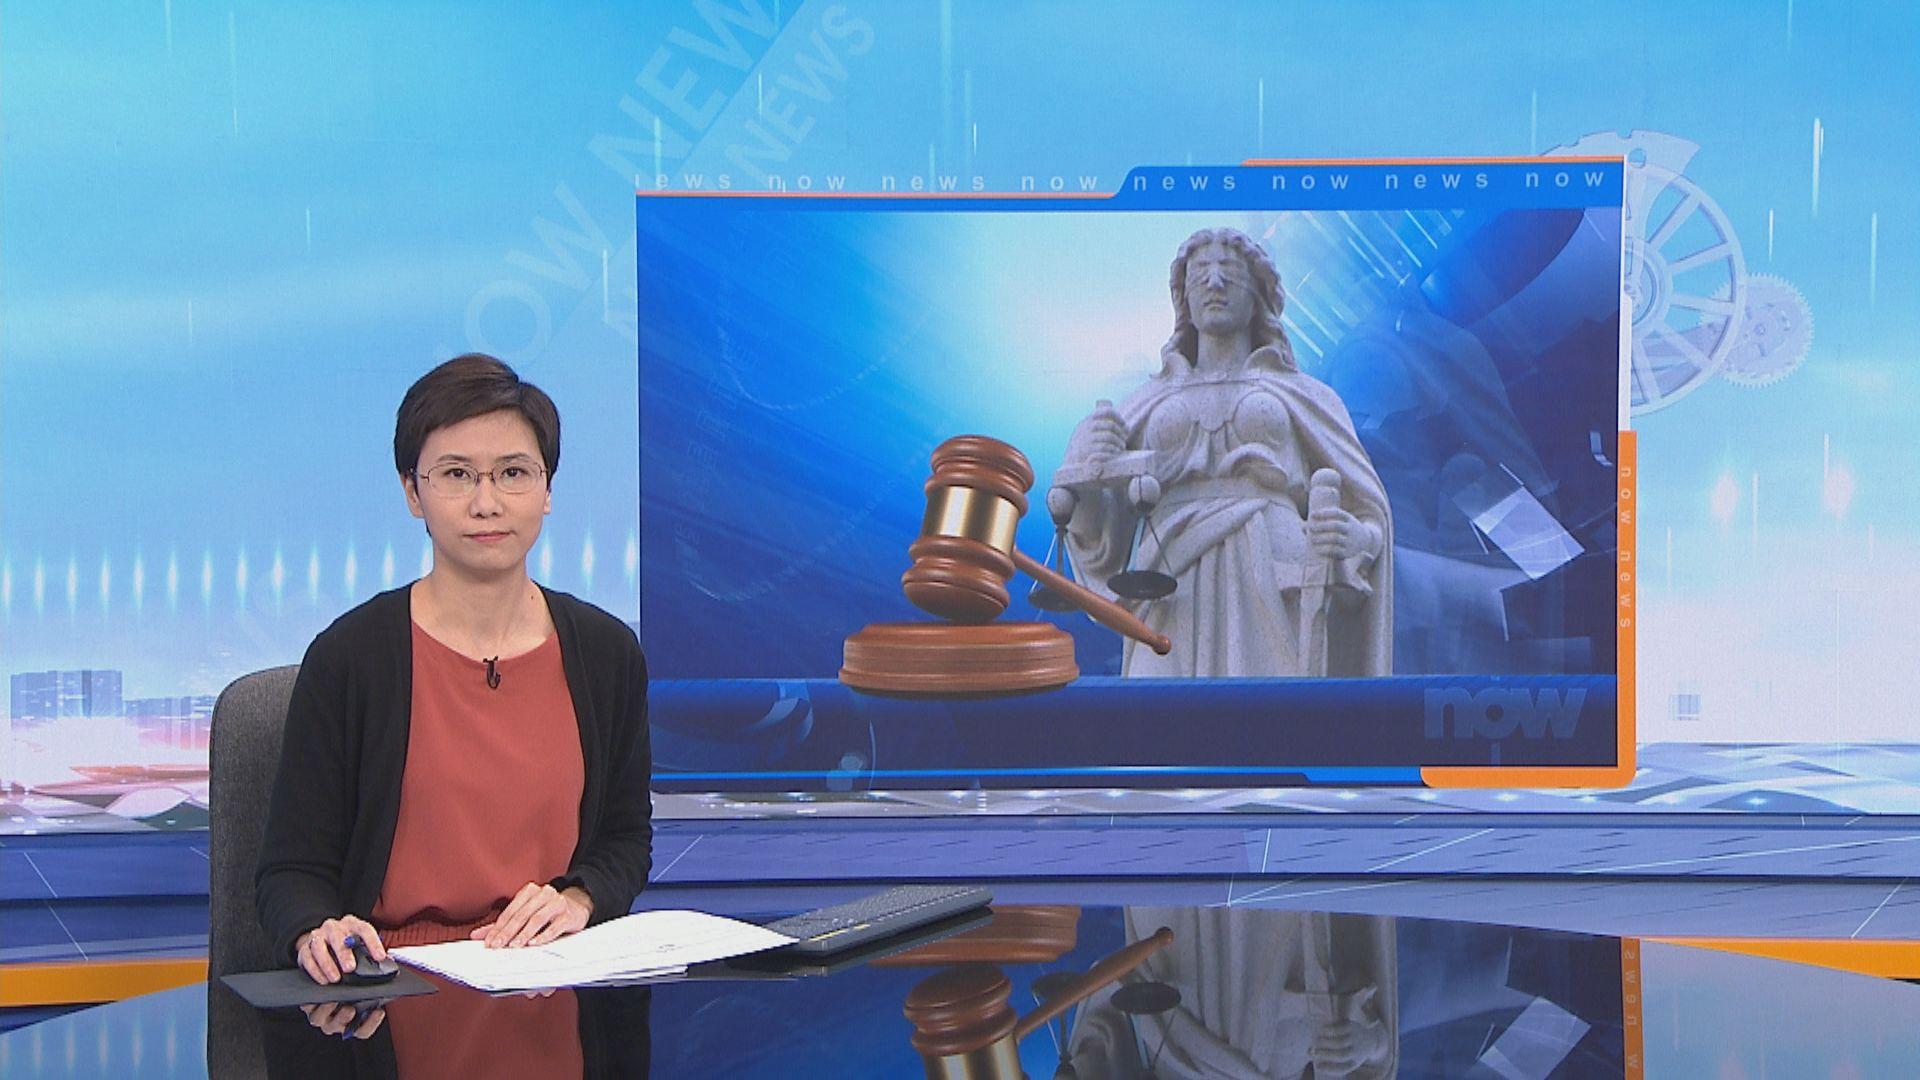 周梓樂死因研訊料審25日 將傳召約40名證人